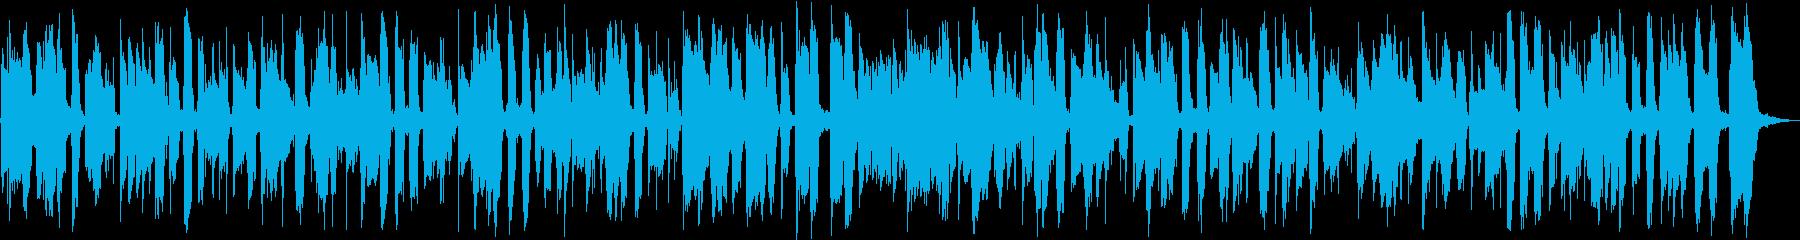 ボサノバ風のアコギインストの再生済みの波形